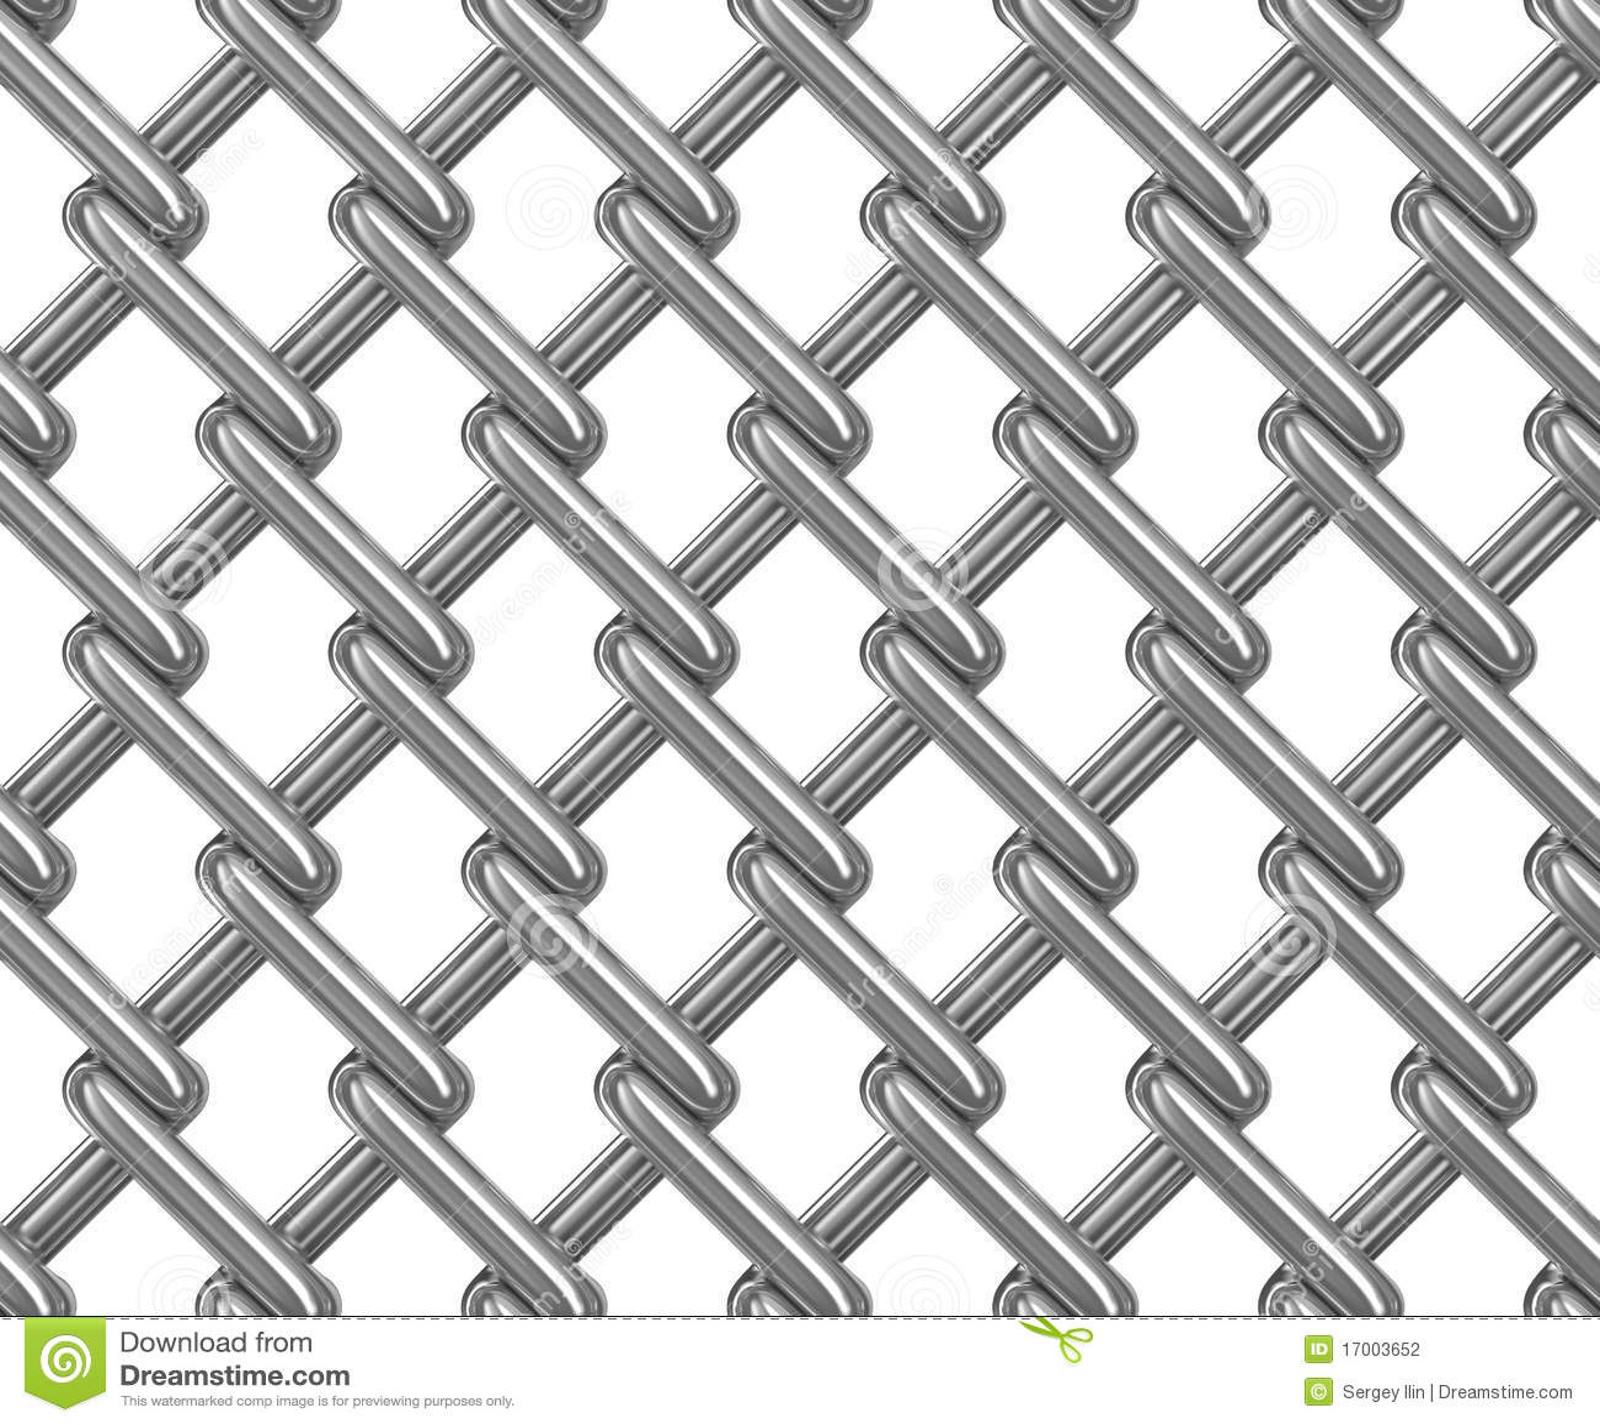 Nett Maschendrahtzaun Clip Art Bilder - Der Schaltplan - greigo.com